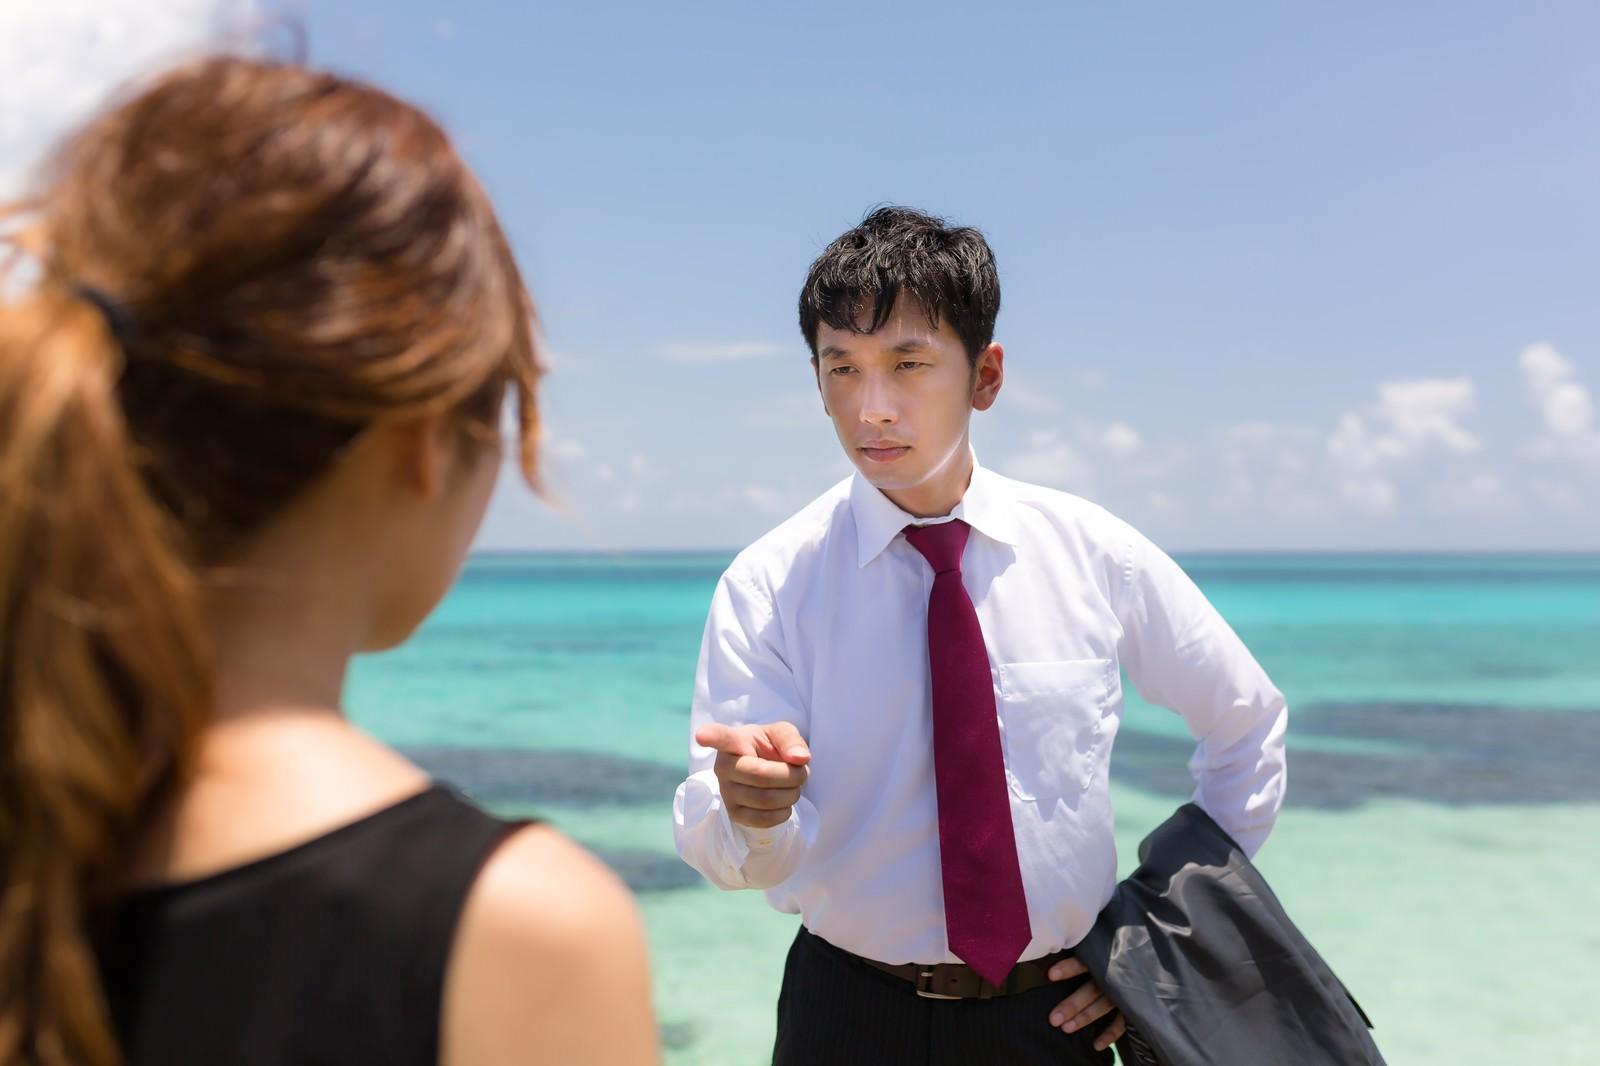 「南の島で、「犯人はお前だ!」と追い詰める刑事風の男性」の写真[モデル:大川竜弥]